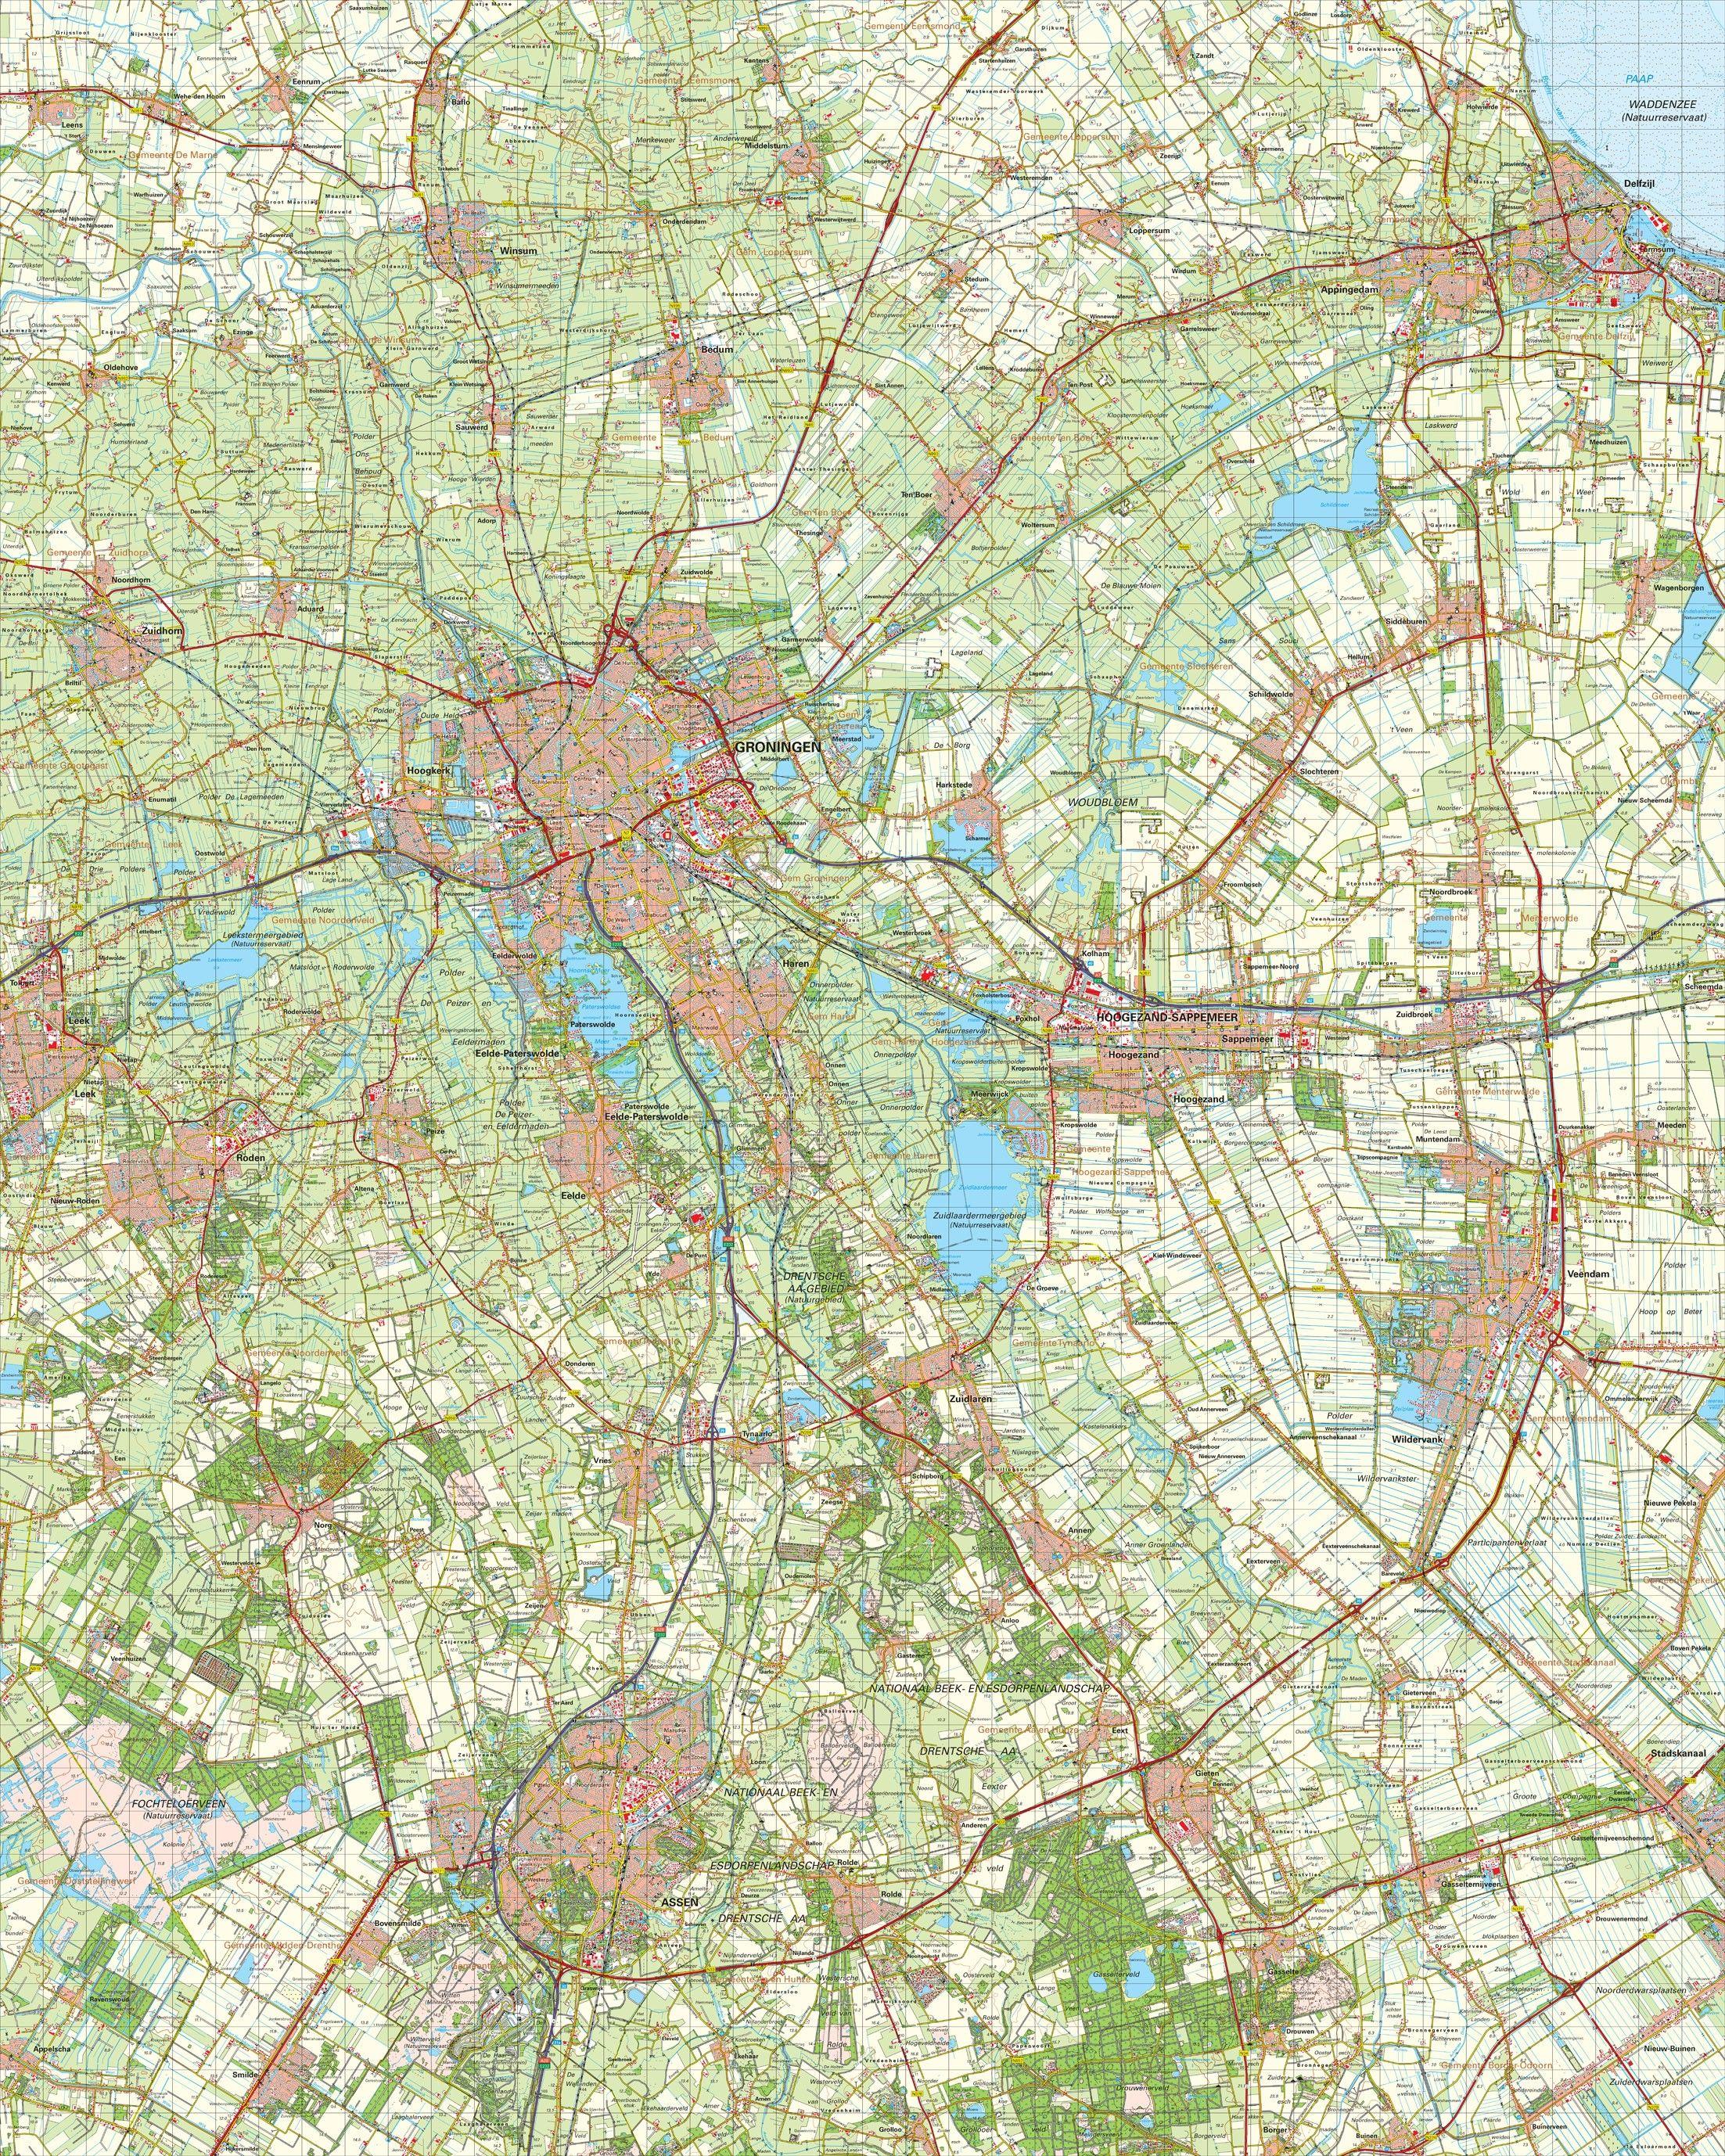 Topografische kaart schaal 1:50.000 (Groningen,Veendam,Assen)